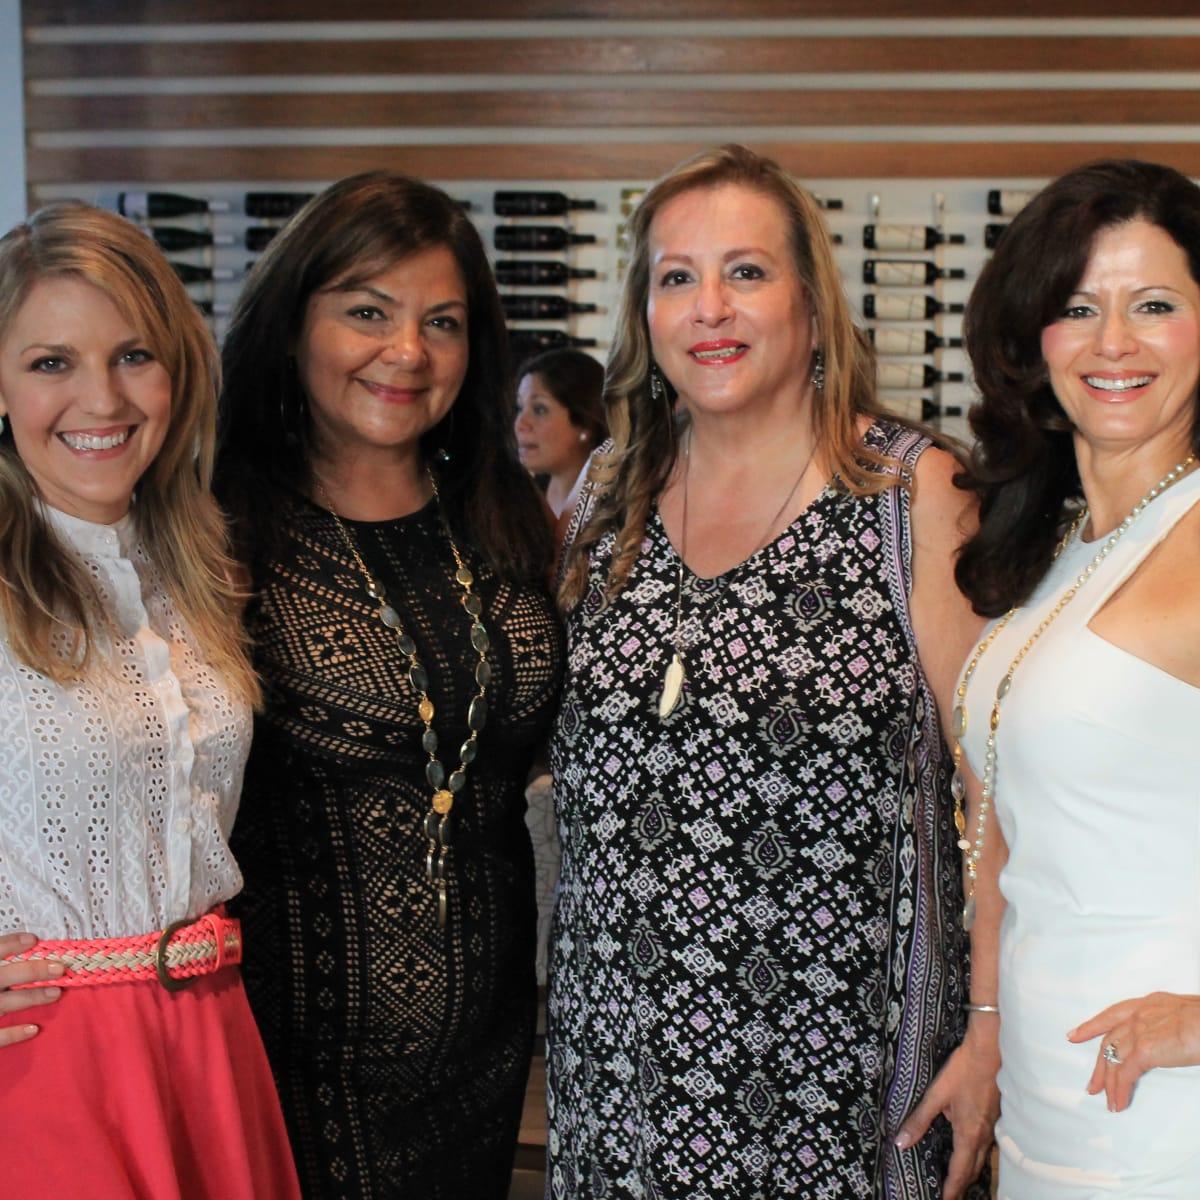 News, Shelby, Omar Pereny's 21st birthday, July 2015, Courtney Perna, Antigone Vastakis, Mercedes Grifno, Cynthia Jones